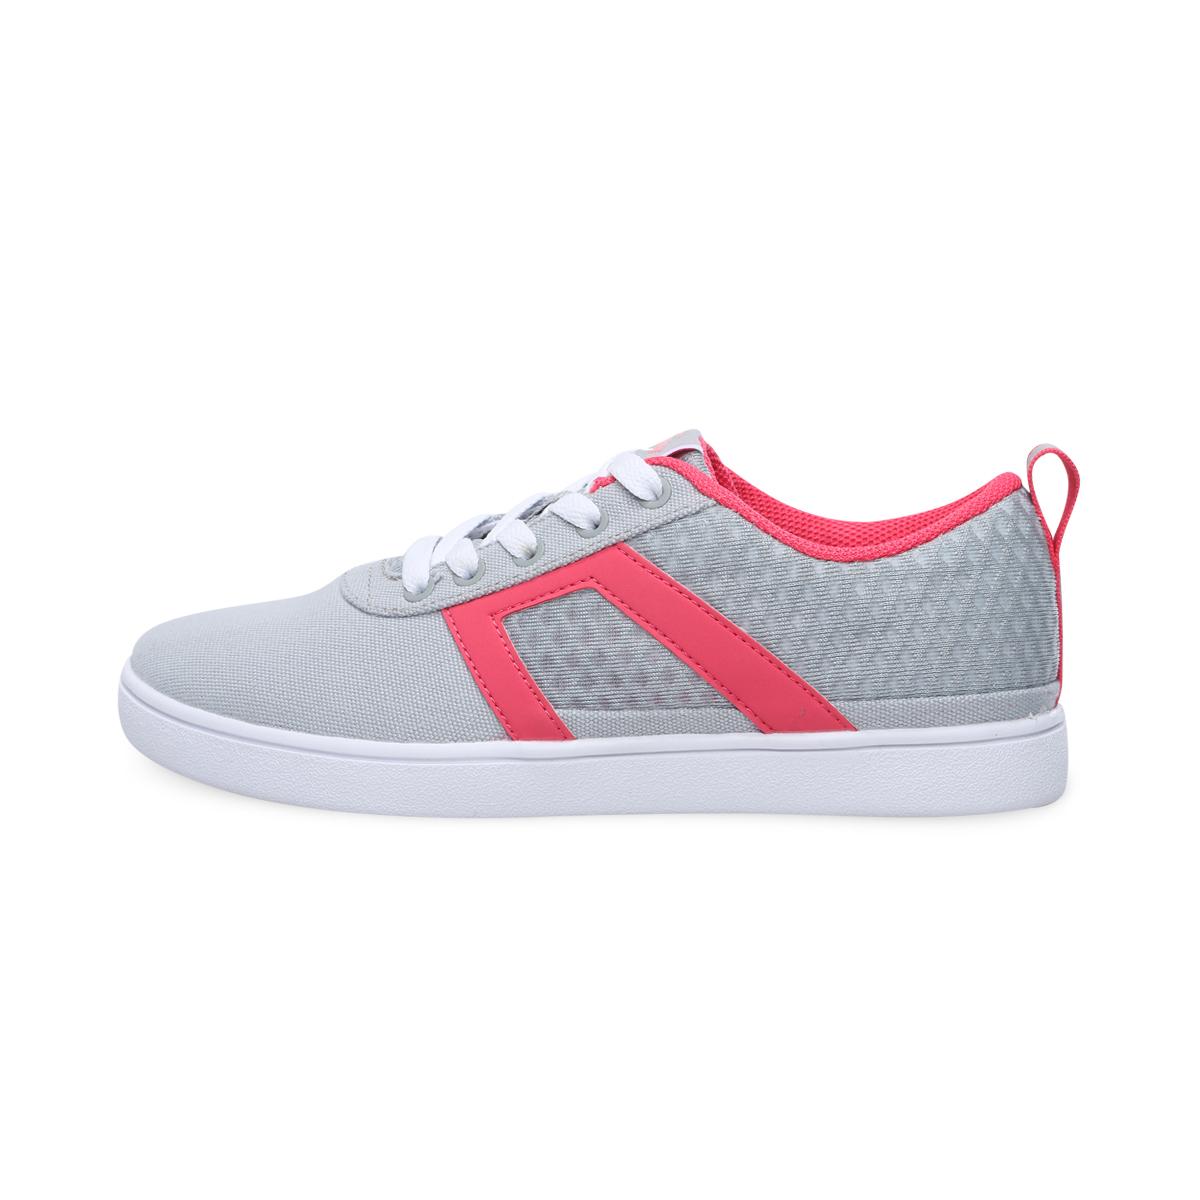 安踏正品女鞋2014夏新款韩版透气网面运动板鞋休闲帆布鞋12428051